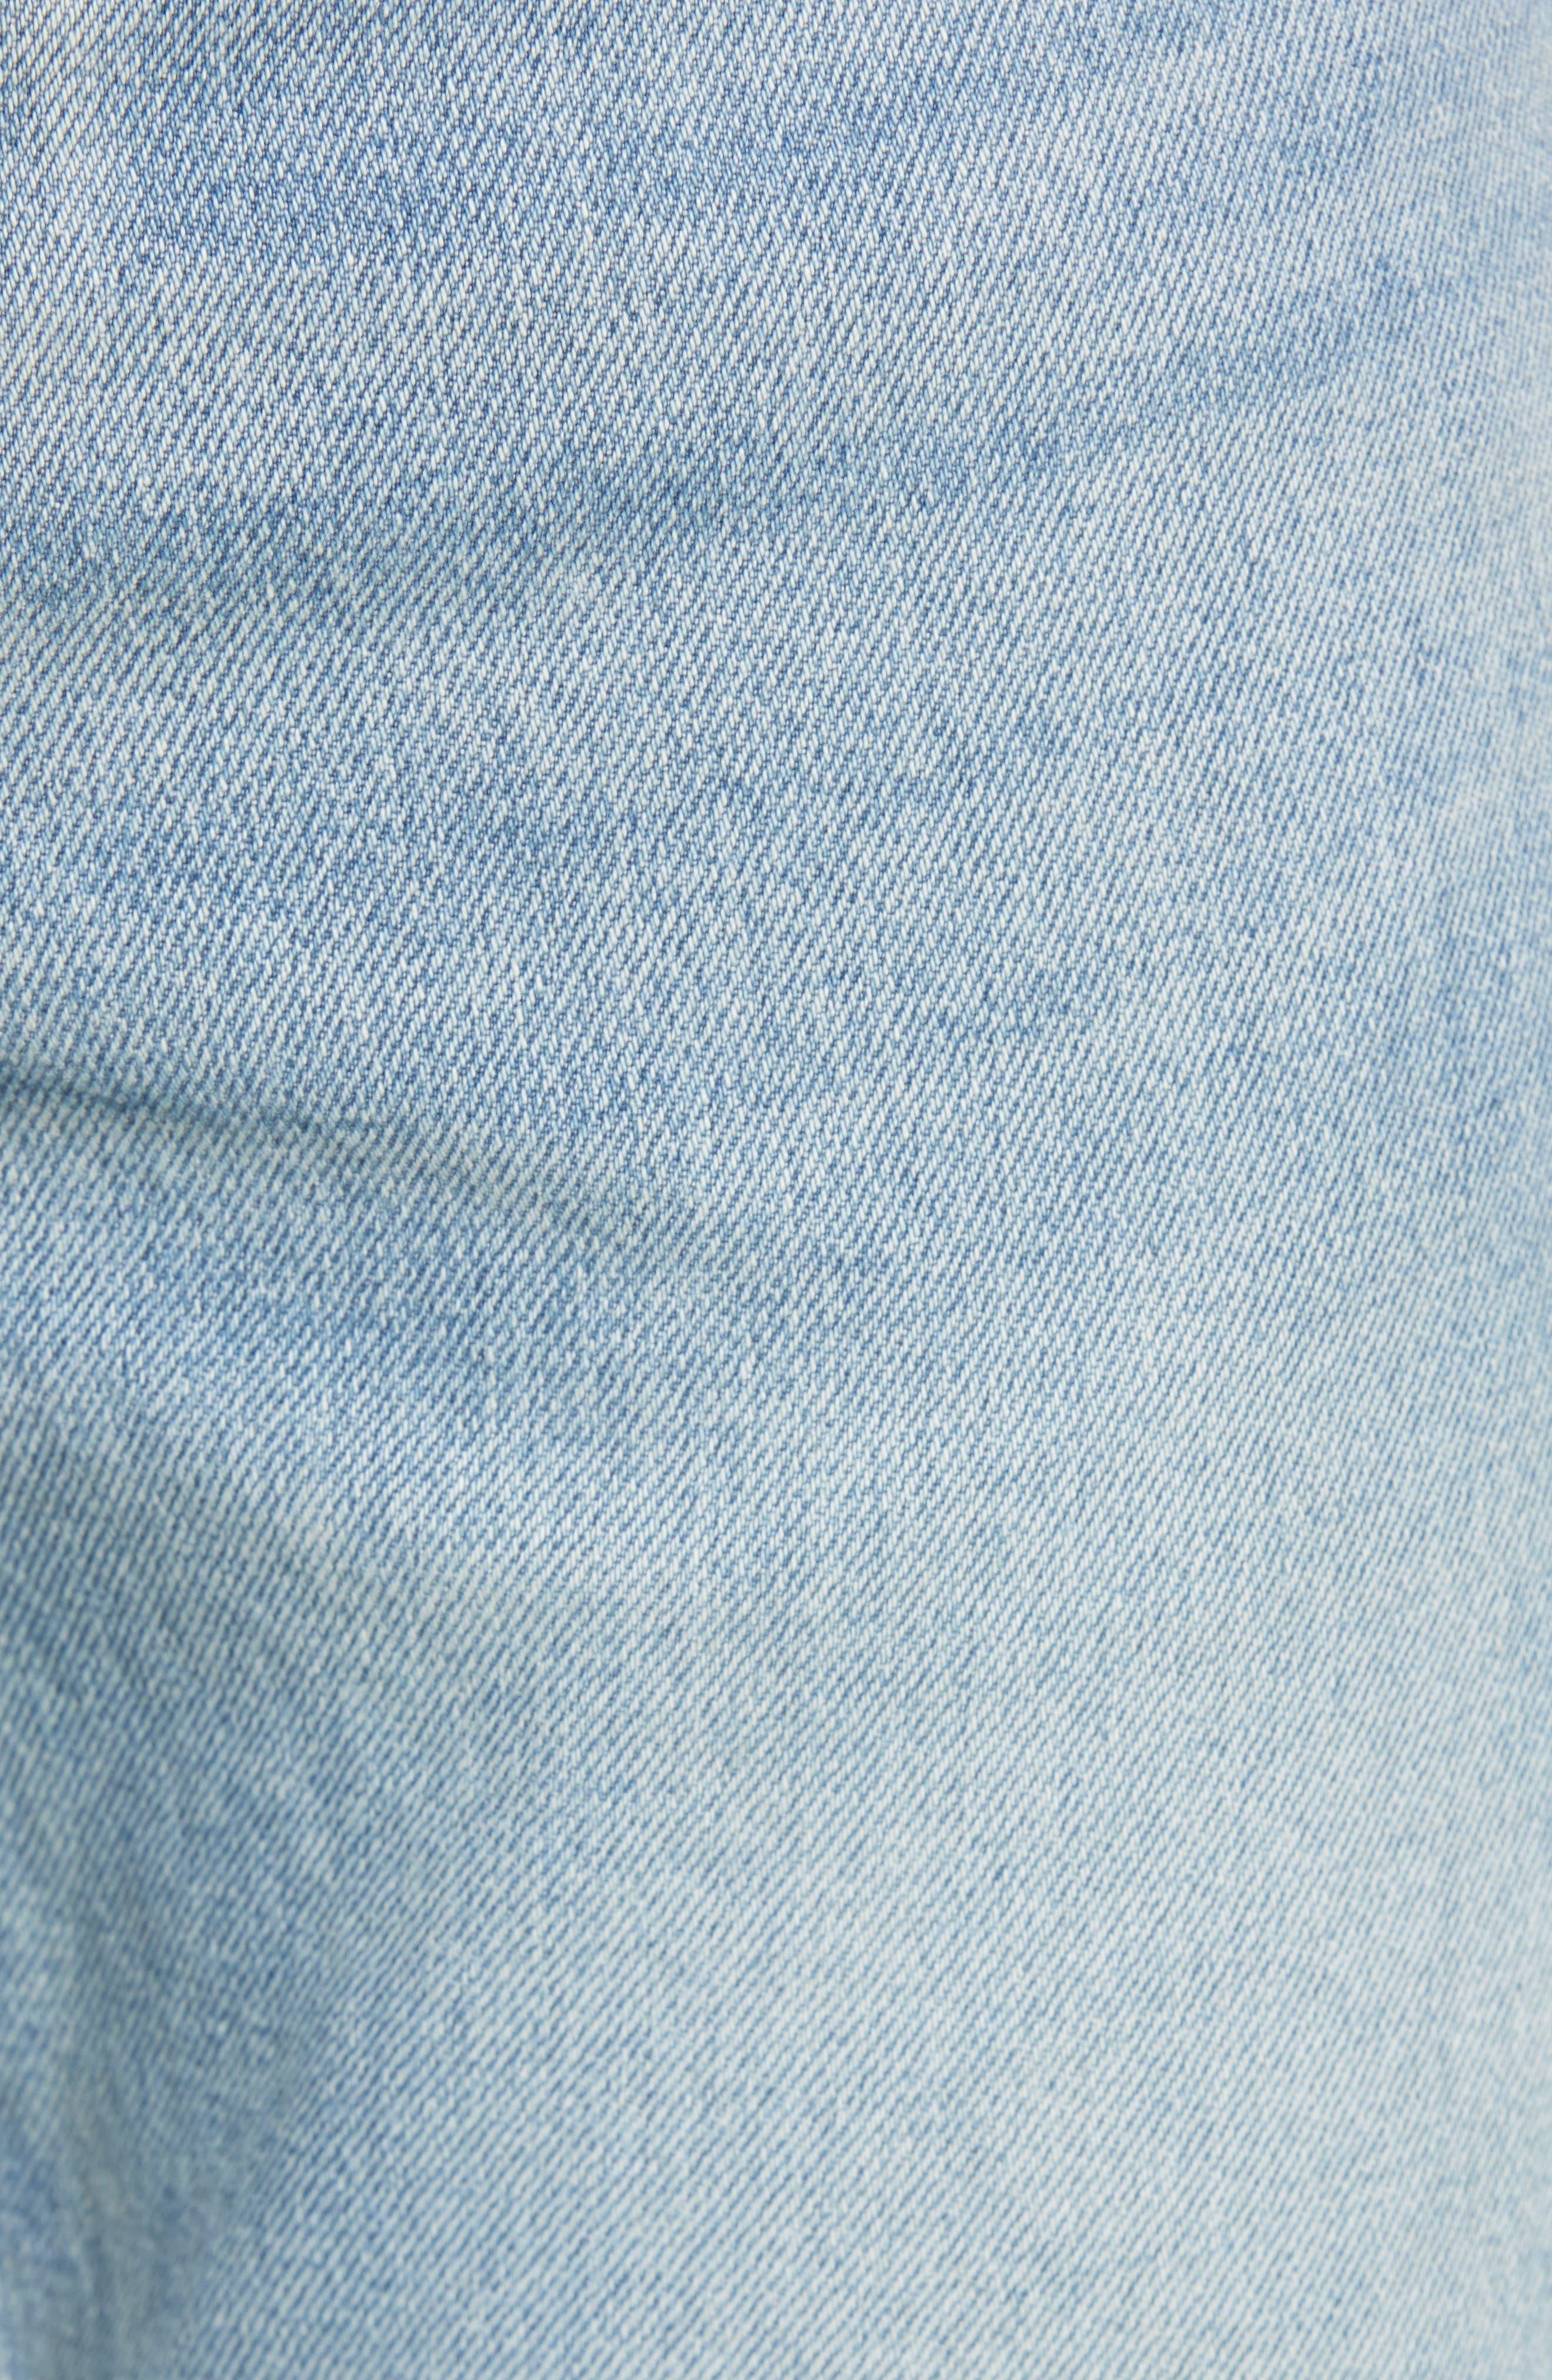 Fit 2 Slim Fit Jeans,                             Alternate thumbnail 5, color,                             400